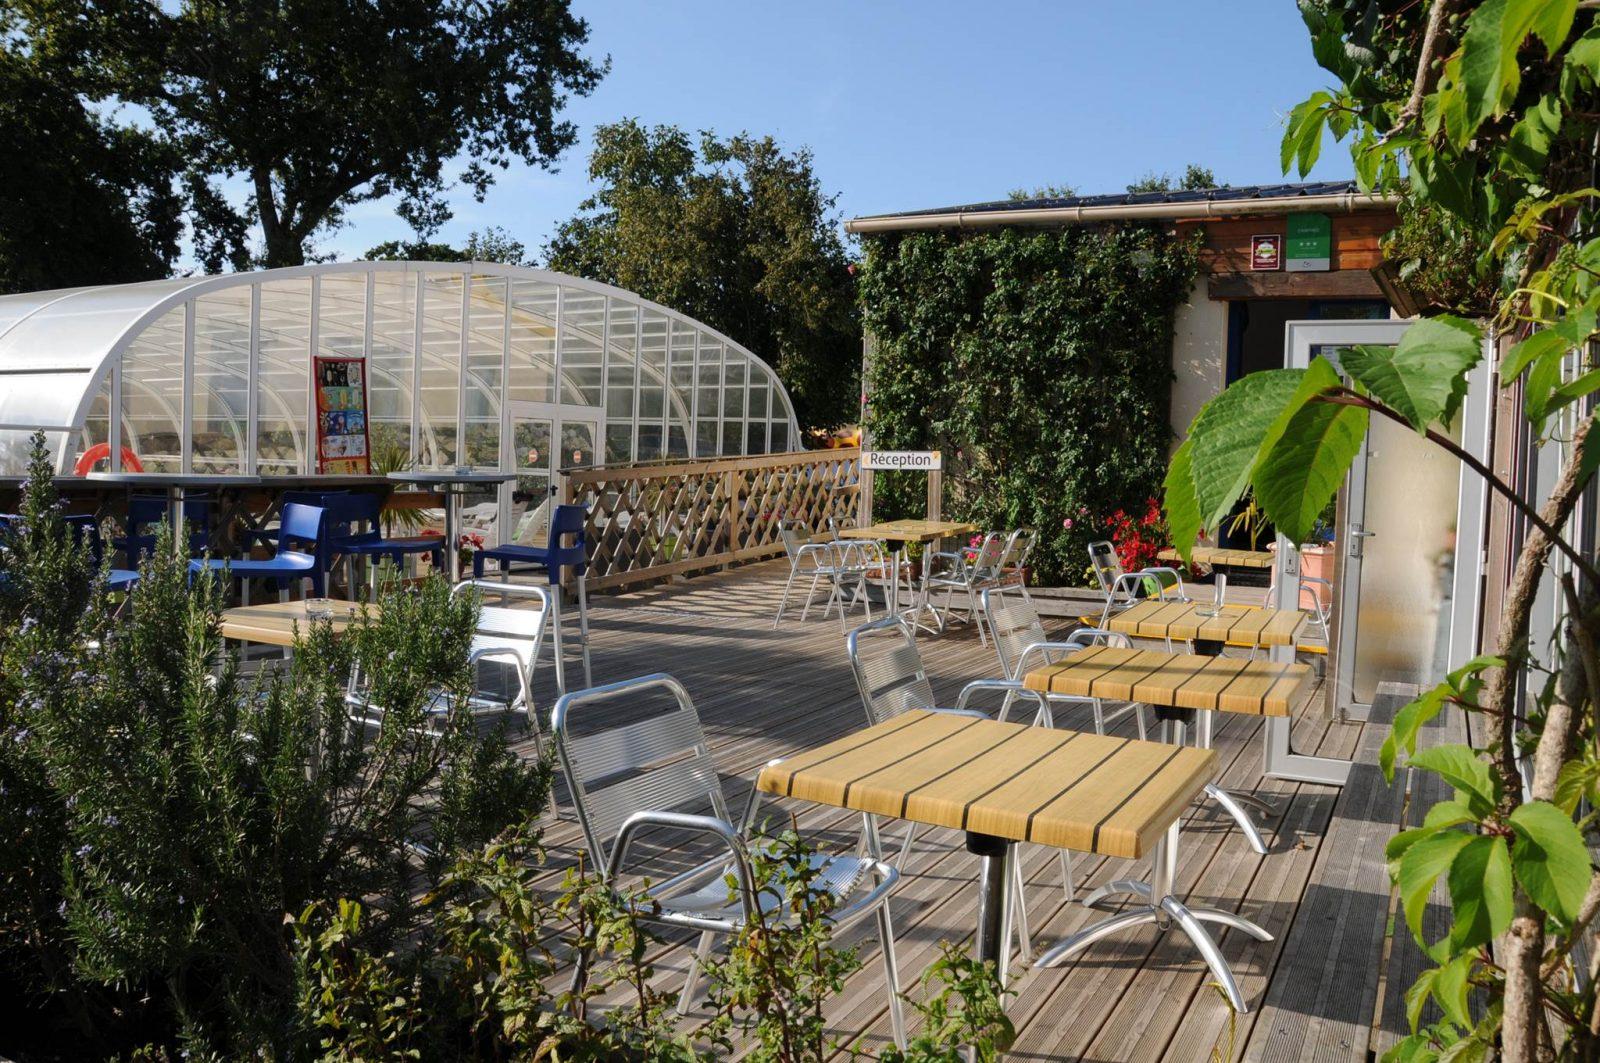 Vue de l'accueil, piscine et terrasse du snack